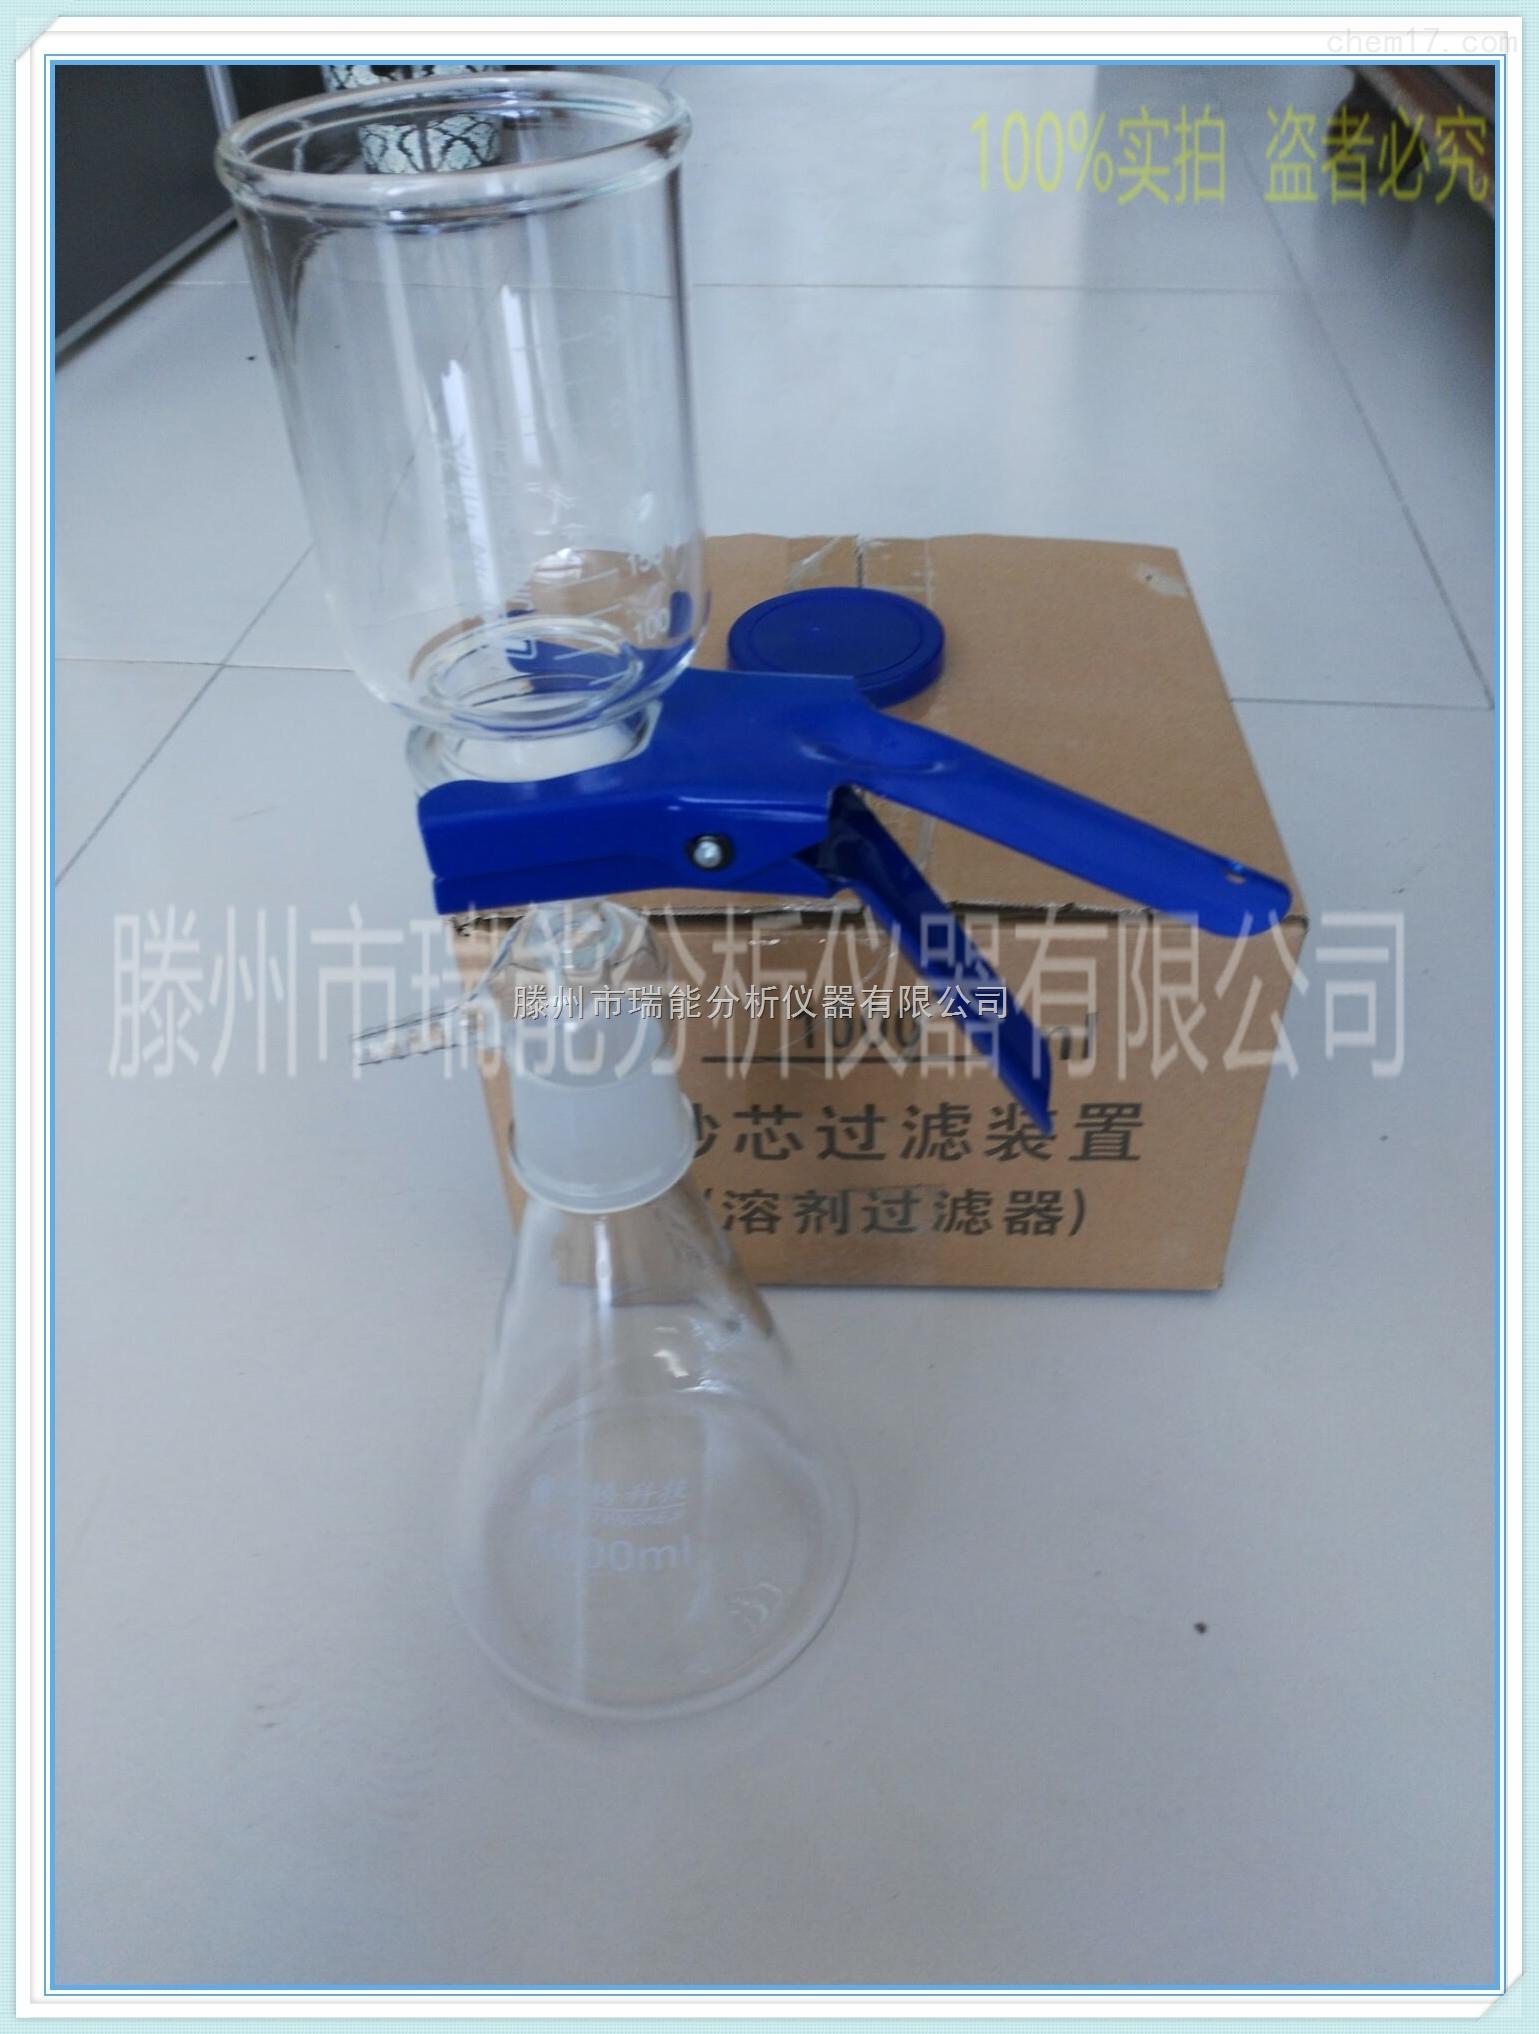 气相色谱仪 砂芯过滤装置 溶剂过滤器